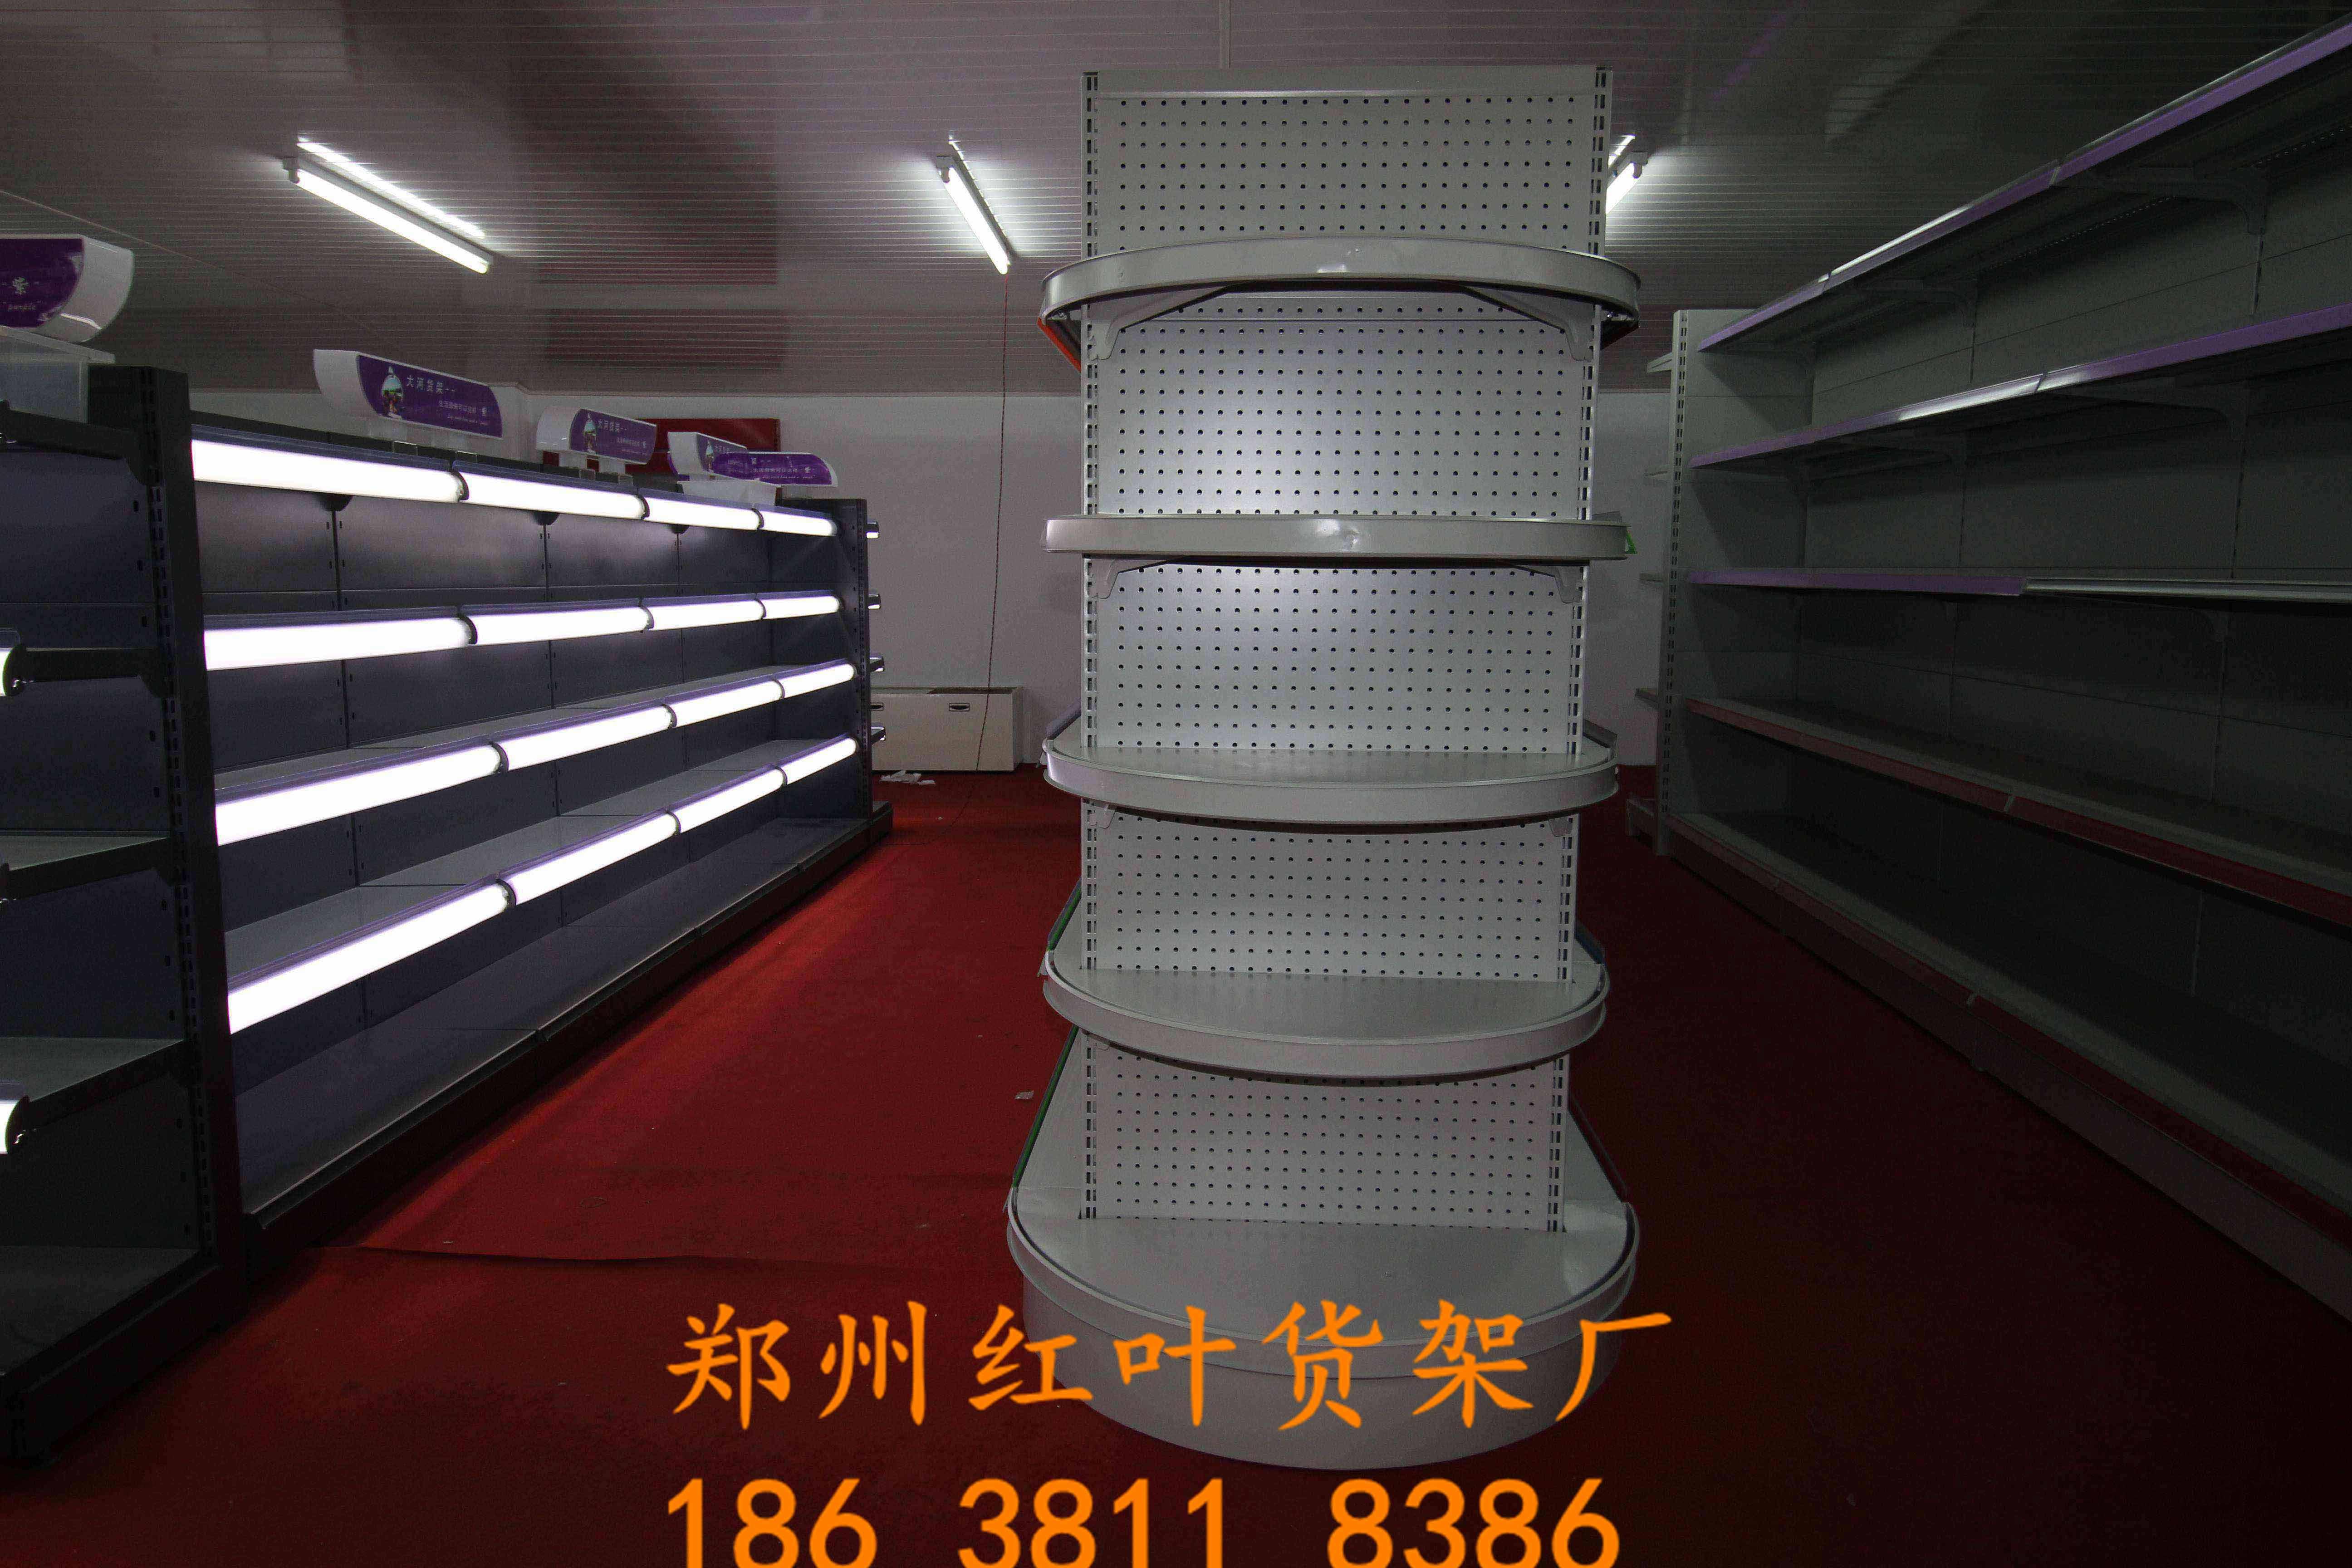 如何设计超市货架让空间利用最大化